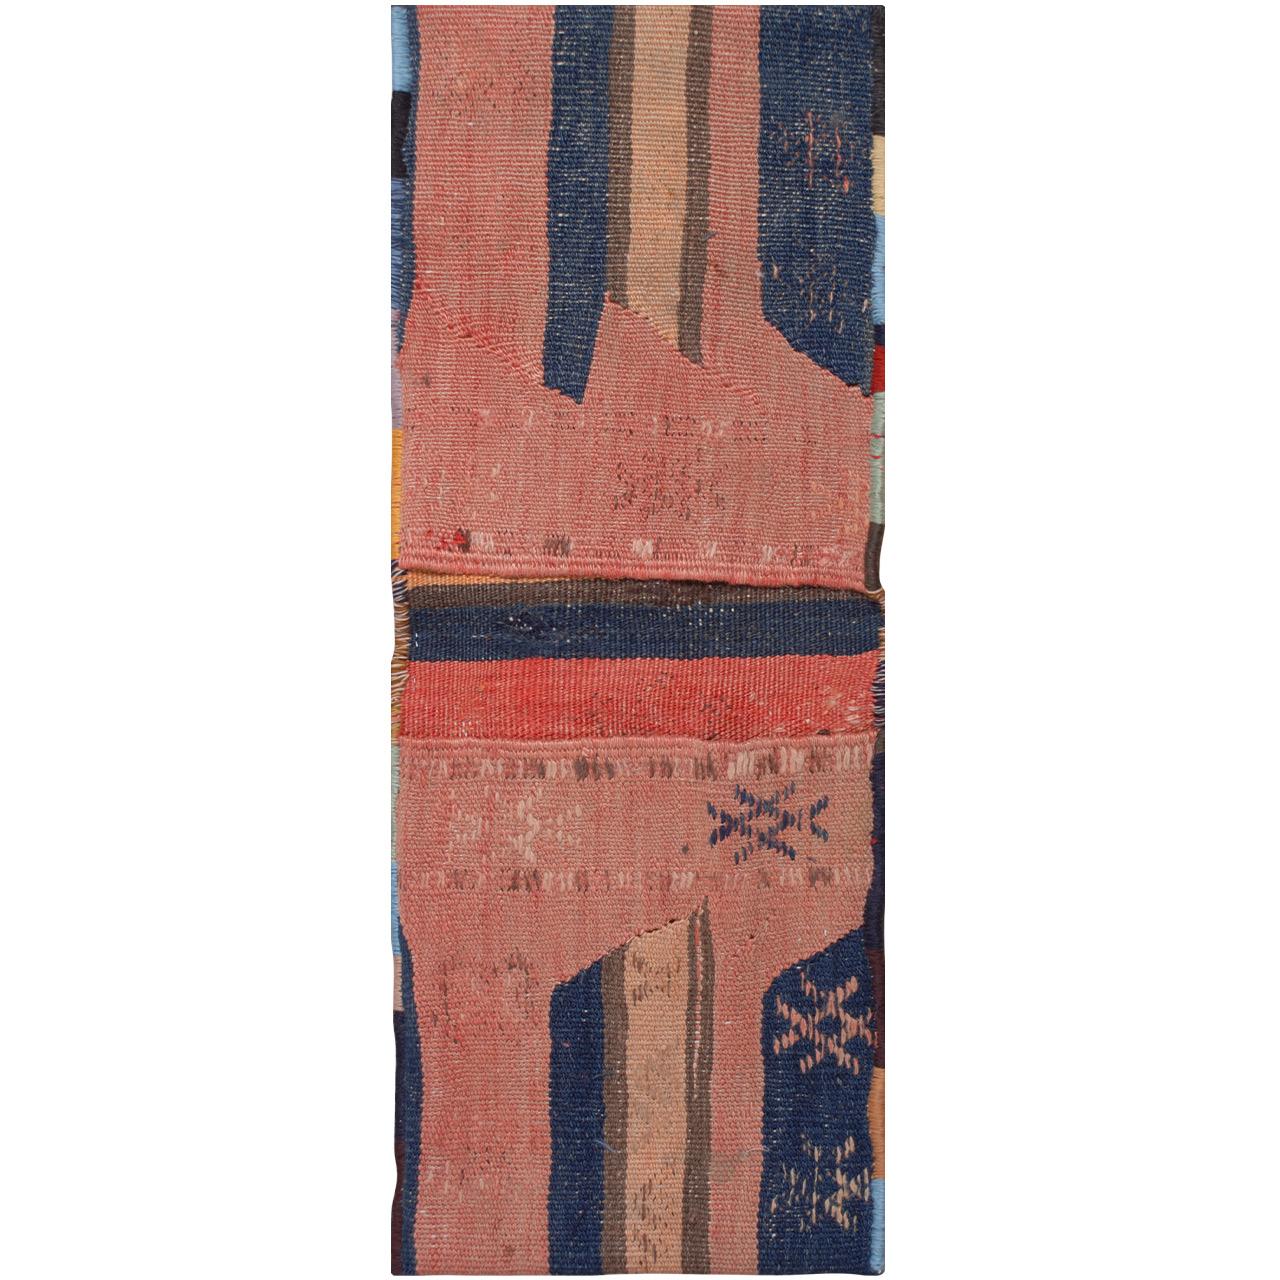 خورجین دستبافت قدیمی فرش هريس کد 101304